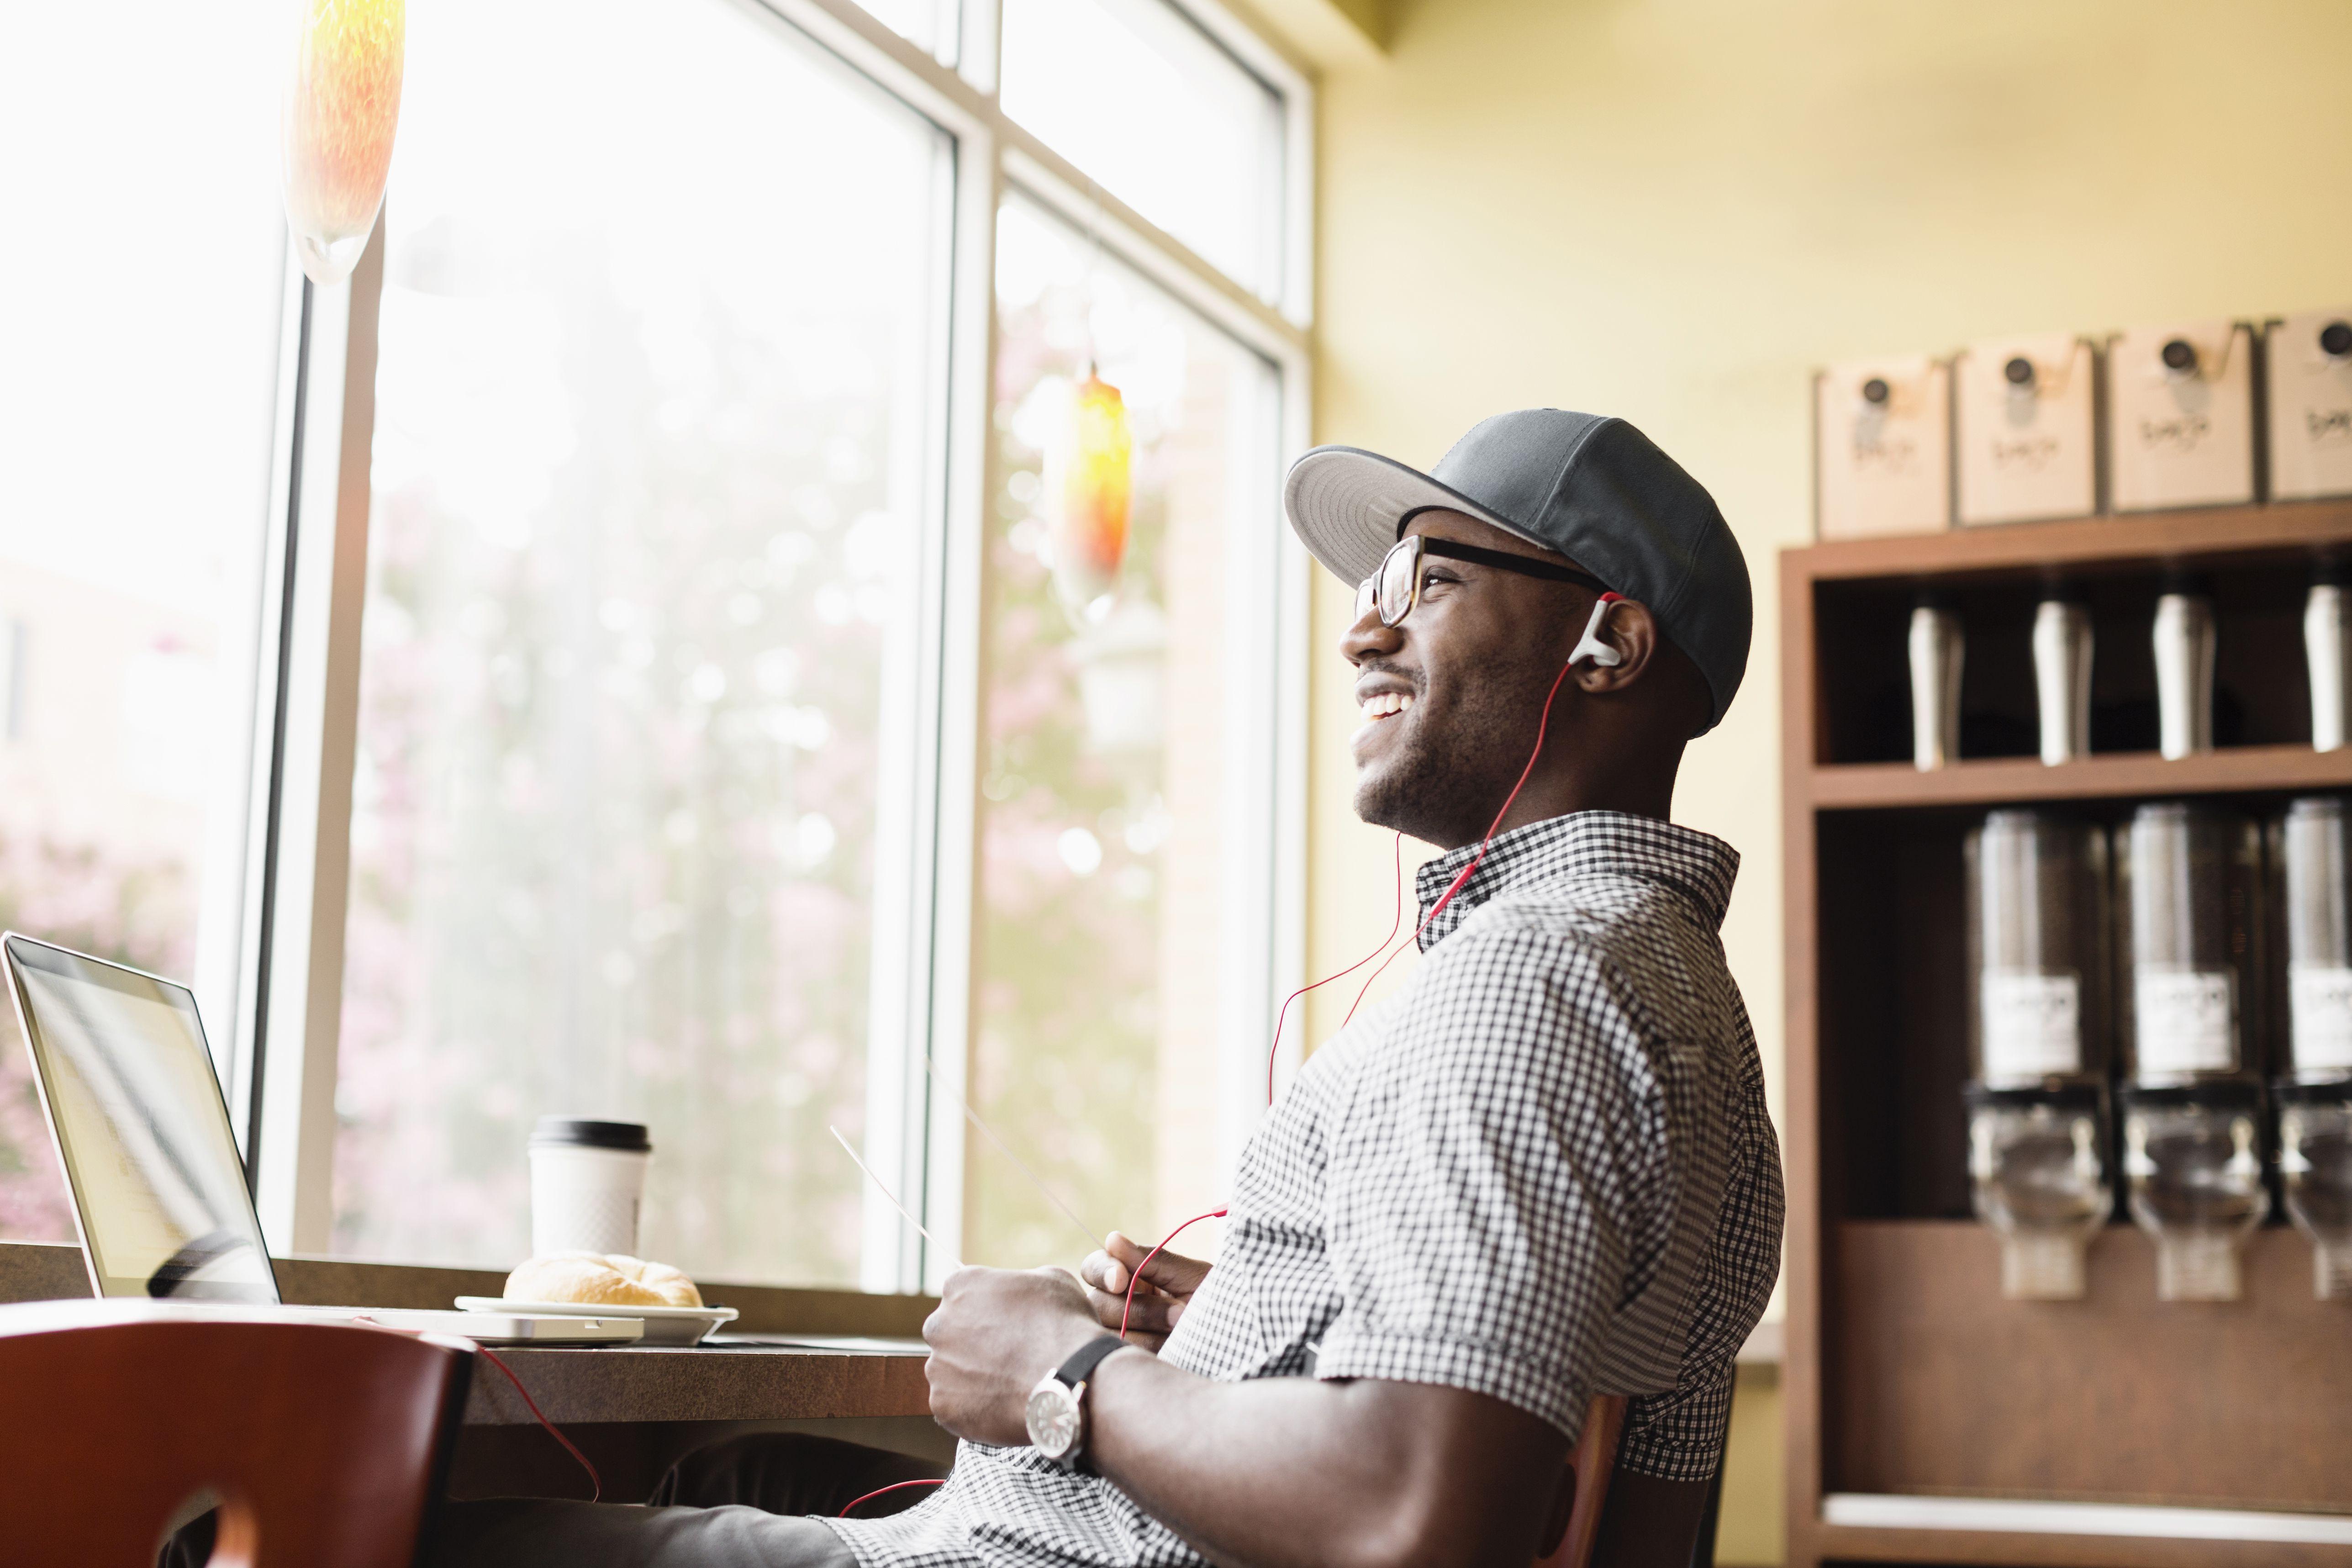 Laughing Black man using laptop in coffee shop